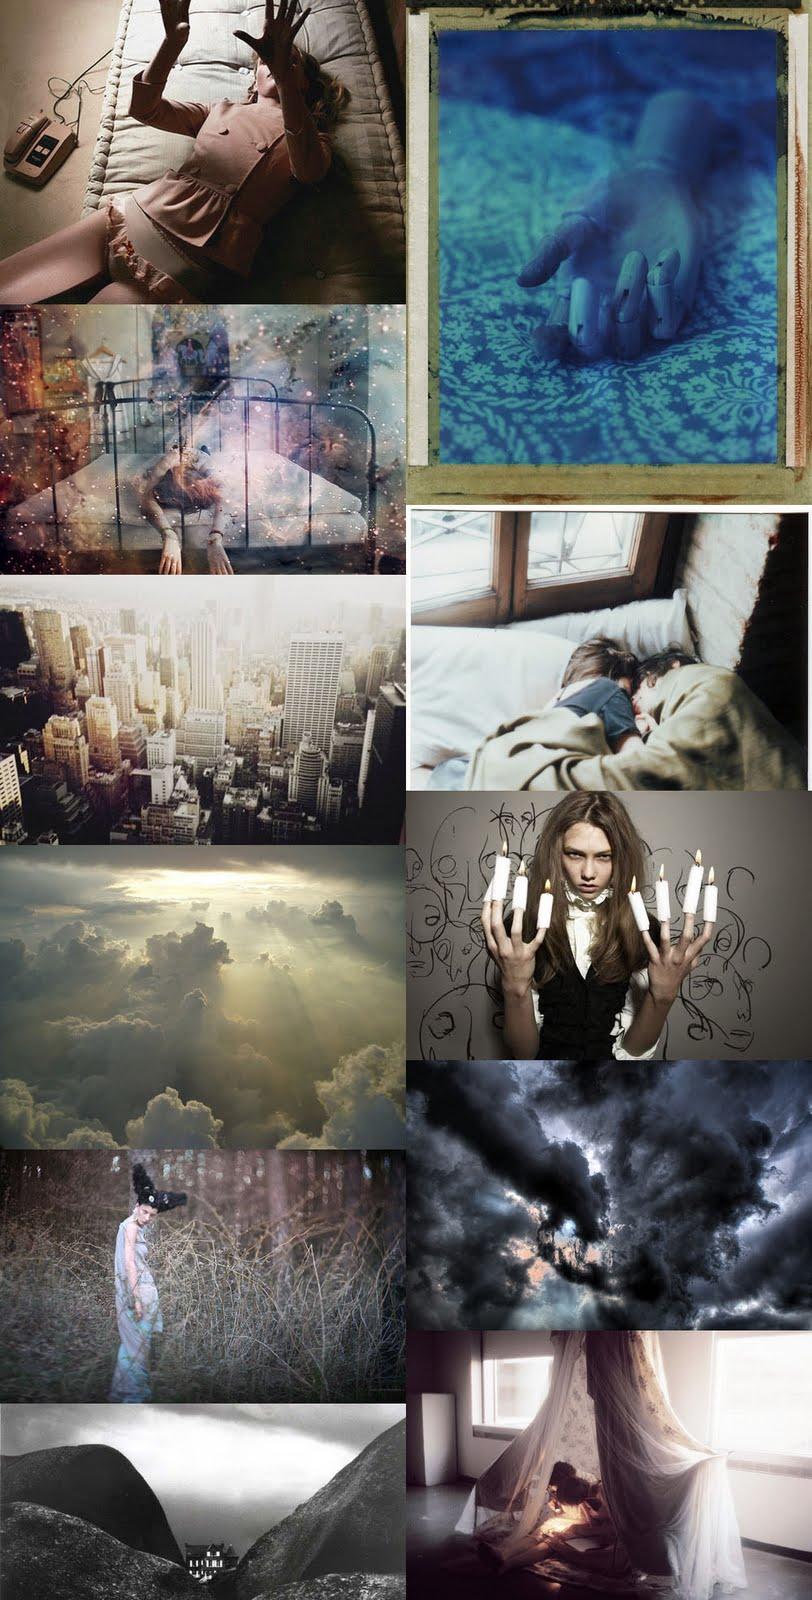 http://2.bp.blogspot.com/_twYmnhXVfP4/TAuLag6akwI/AAAAAAAAJ8I/zxU8tOSBIe8/s1600/inspiration1.jpg